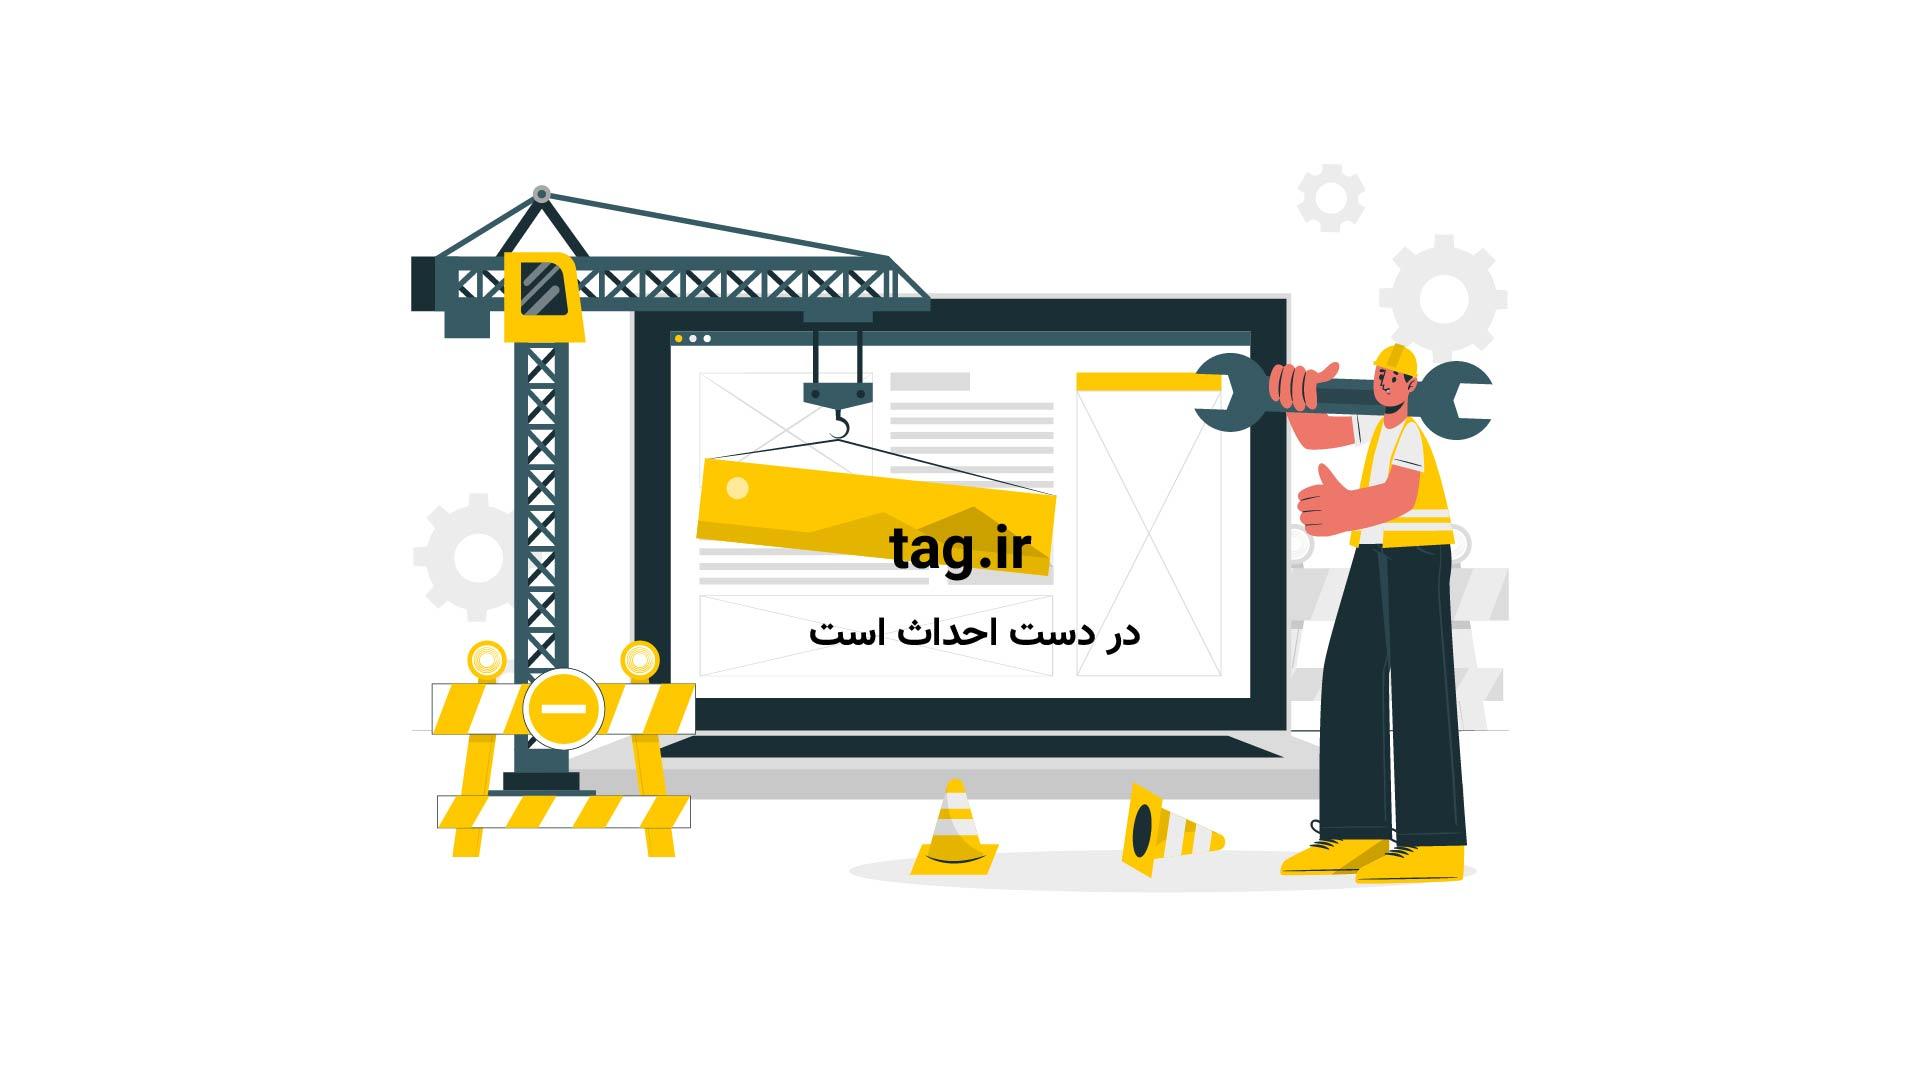 انسان و حیوان   تگ